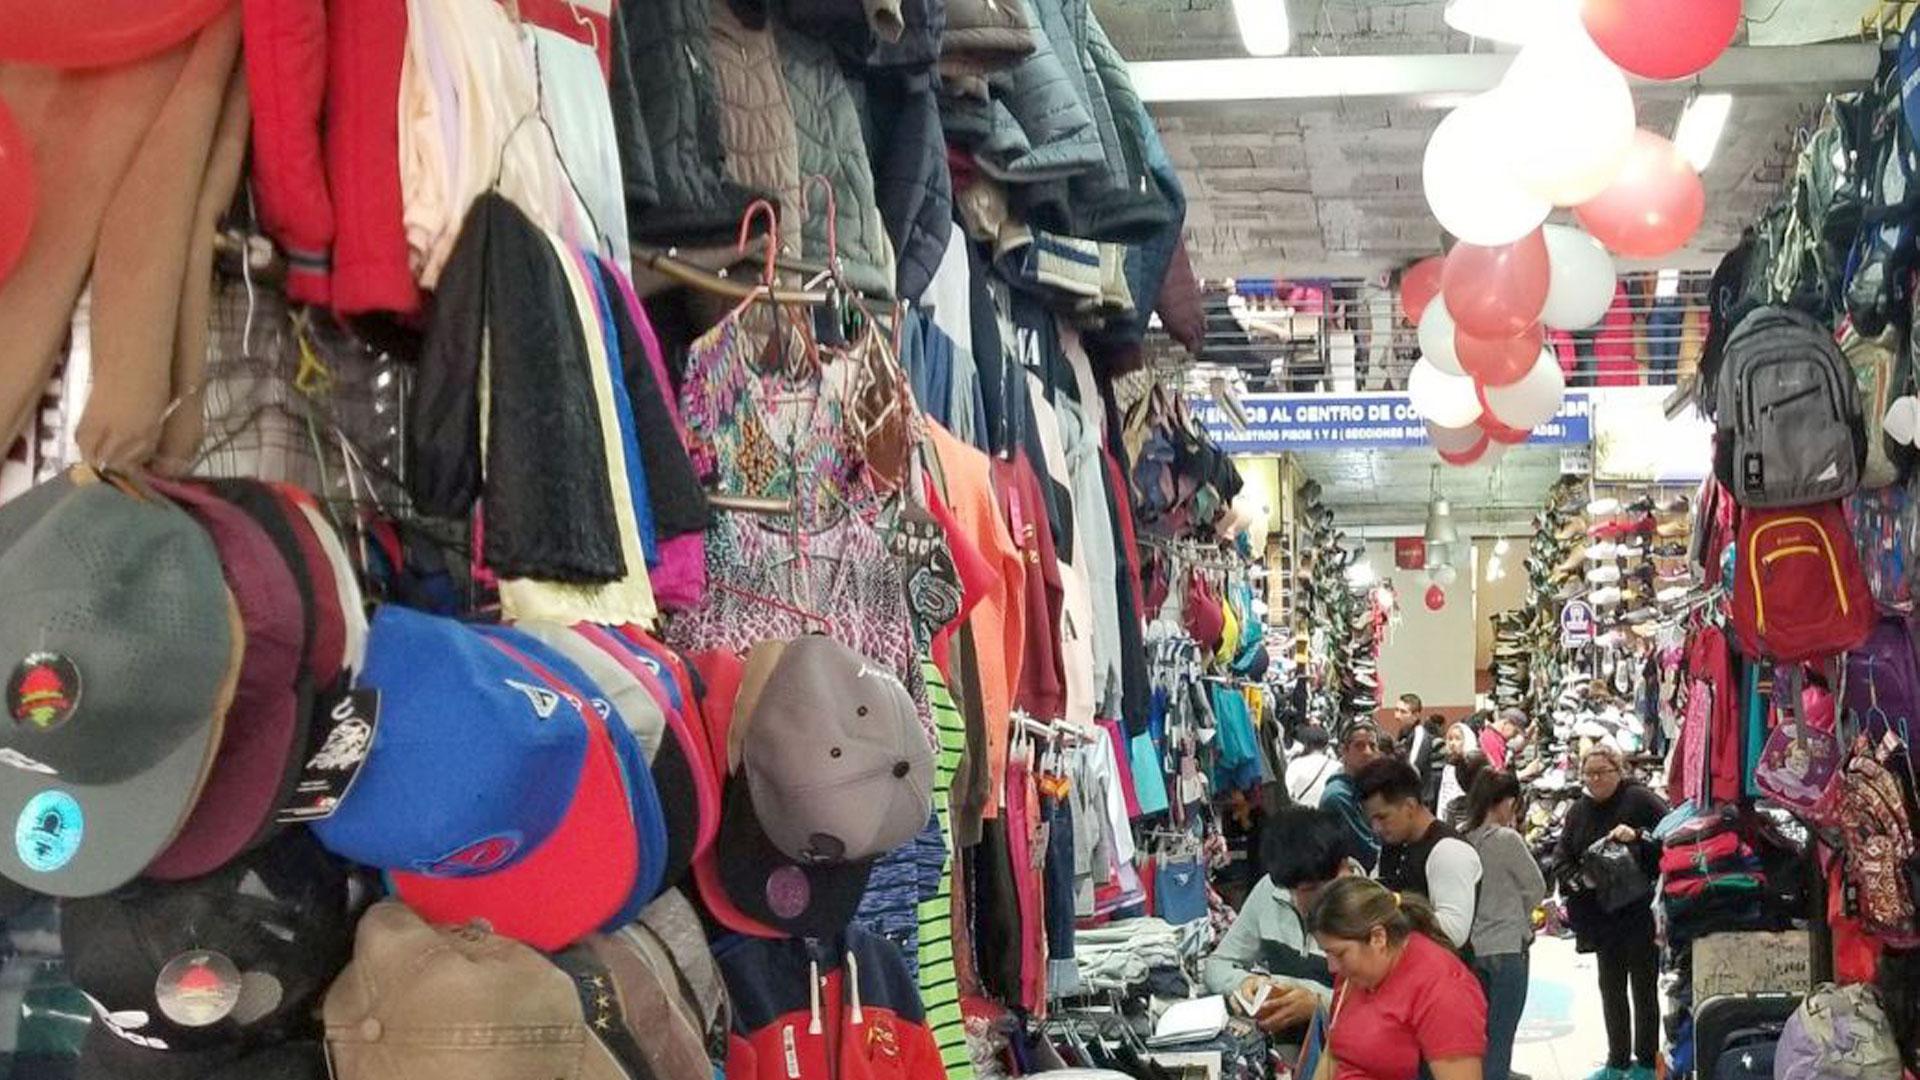 Los mexicanos gastan más que en otros países en ropa y alcohol durante Navidad(Foto: Twitter@MarceloHCabrera)